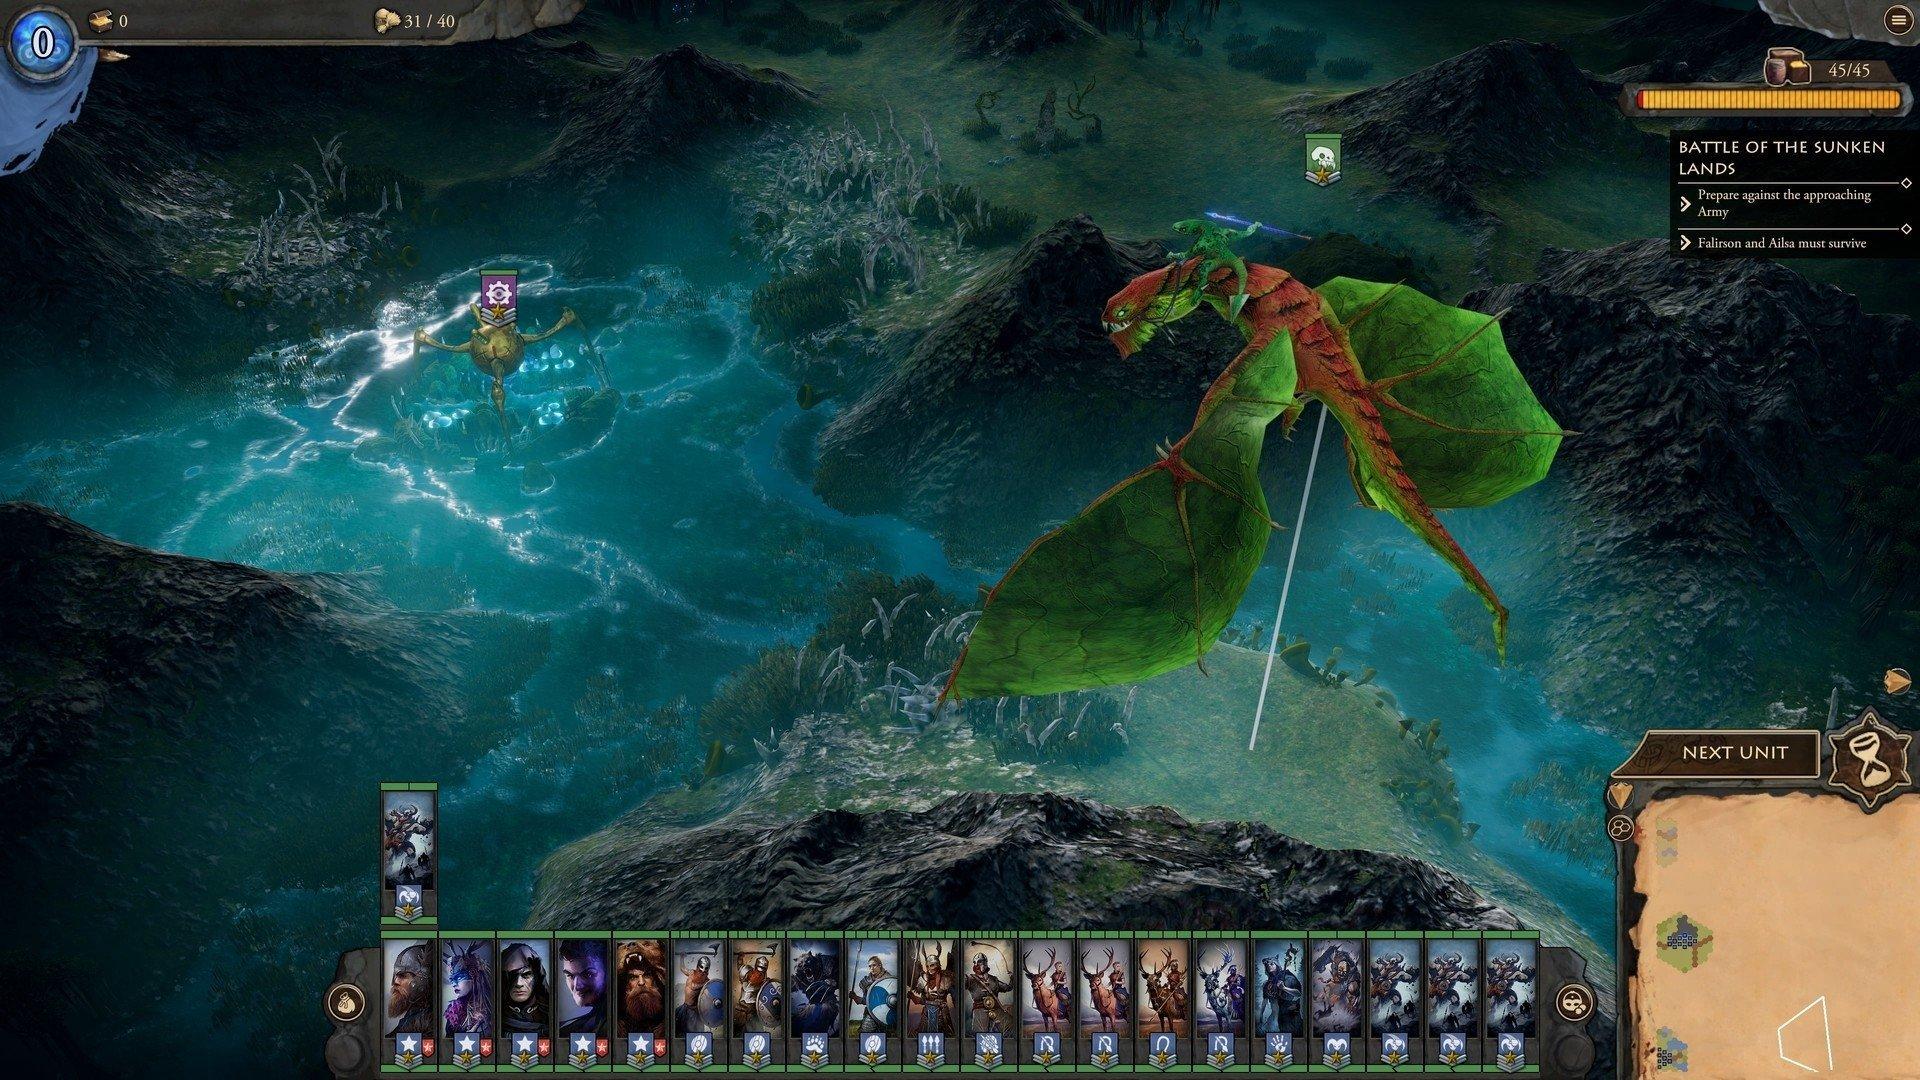 Скриншот к игре Fantasy General II Invasion General Edition [GOG] (2019) скачать торрент Лицензия